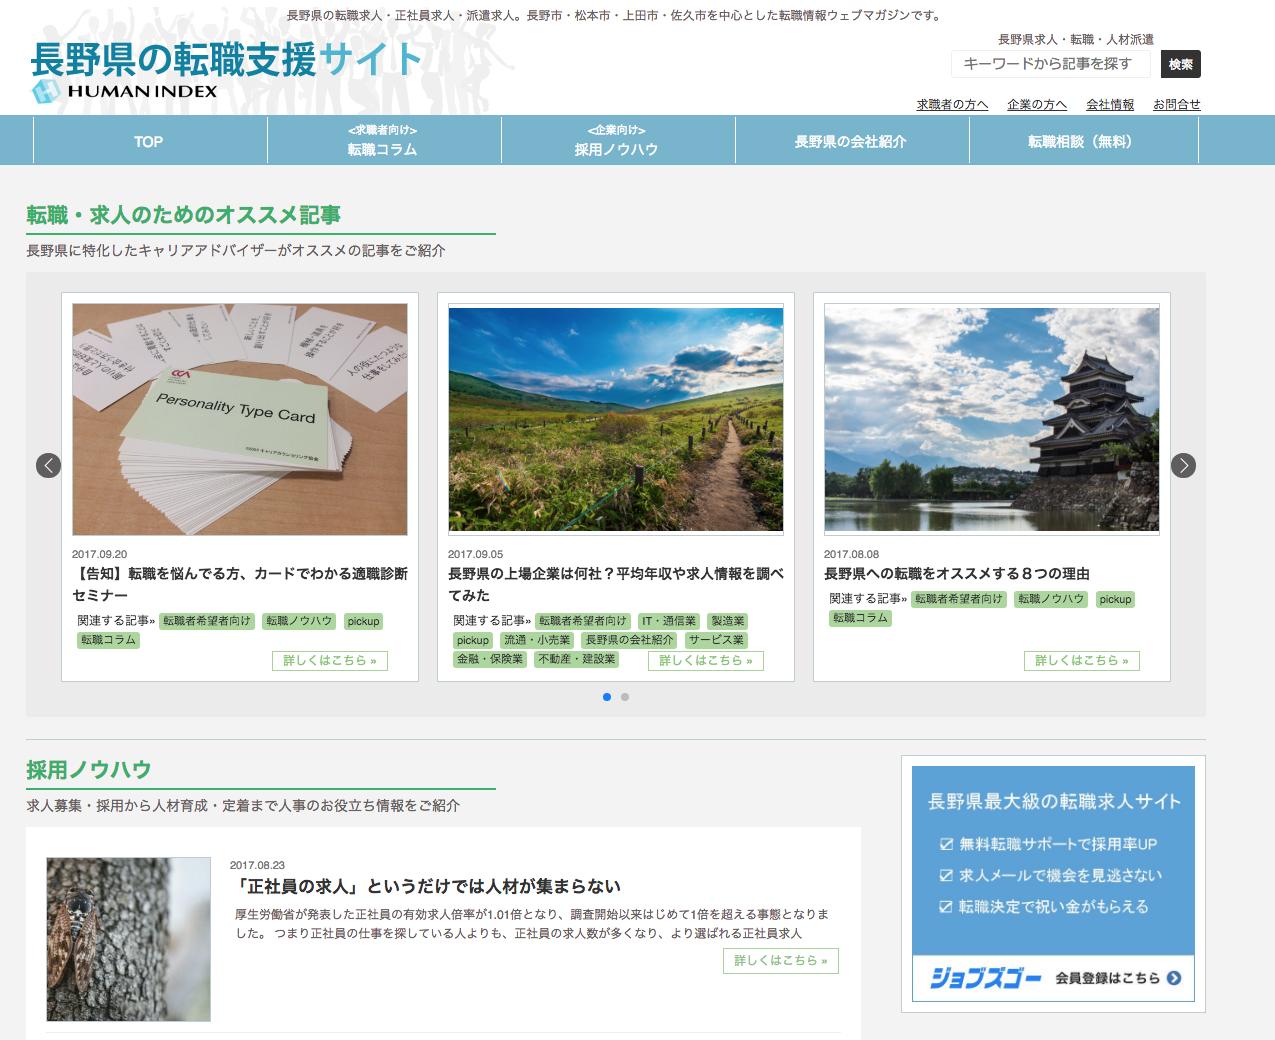 オウドメディア ウェブサイト